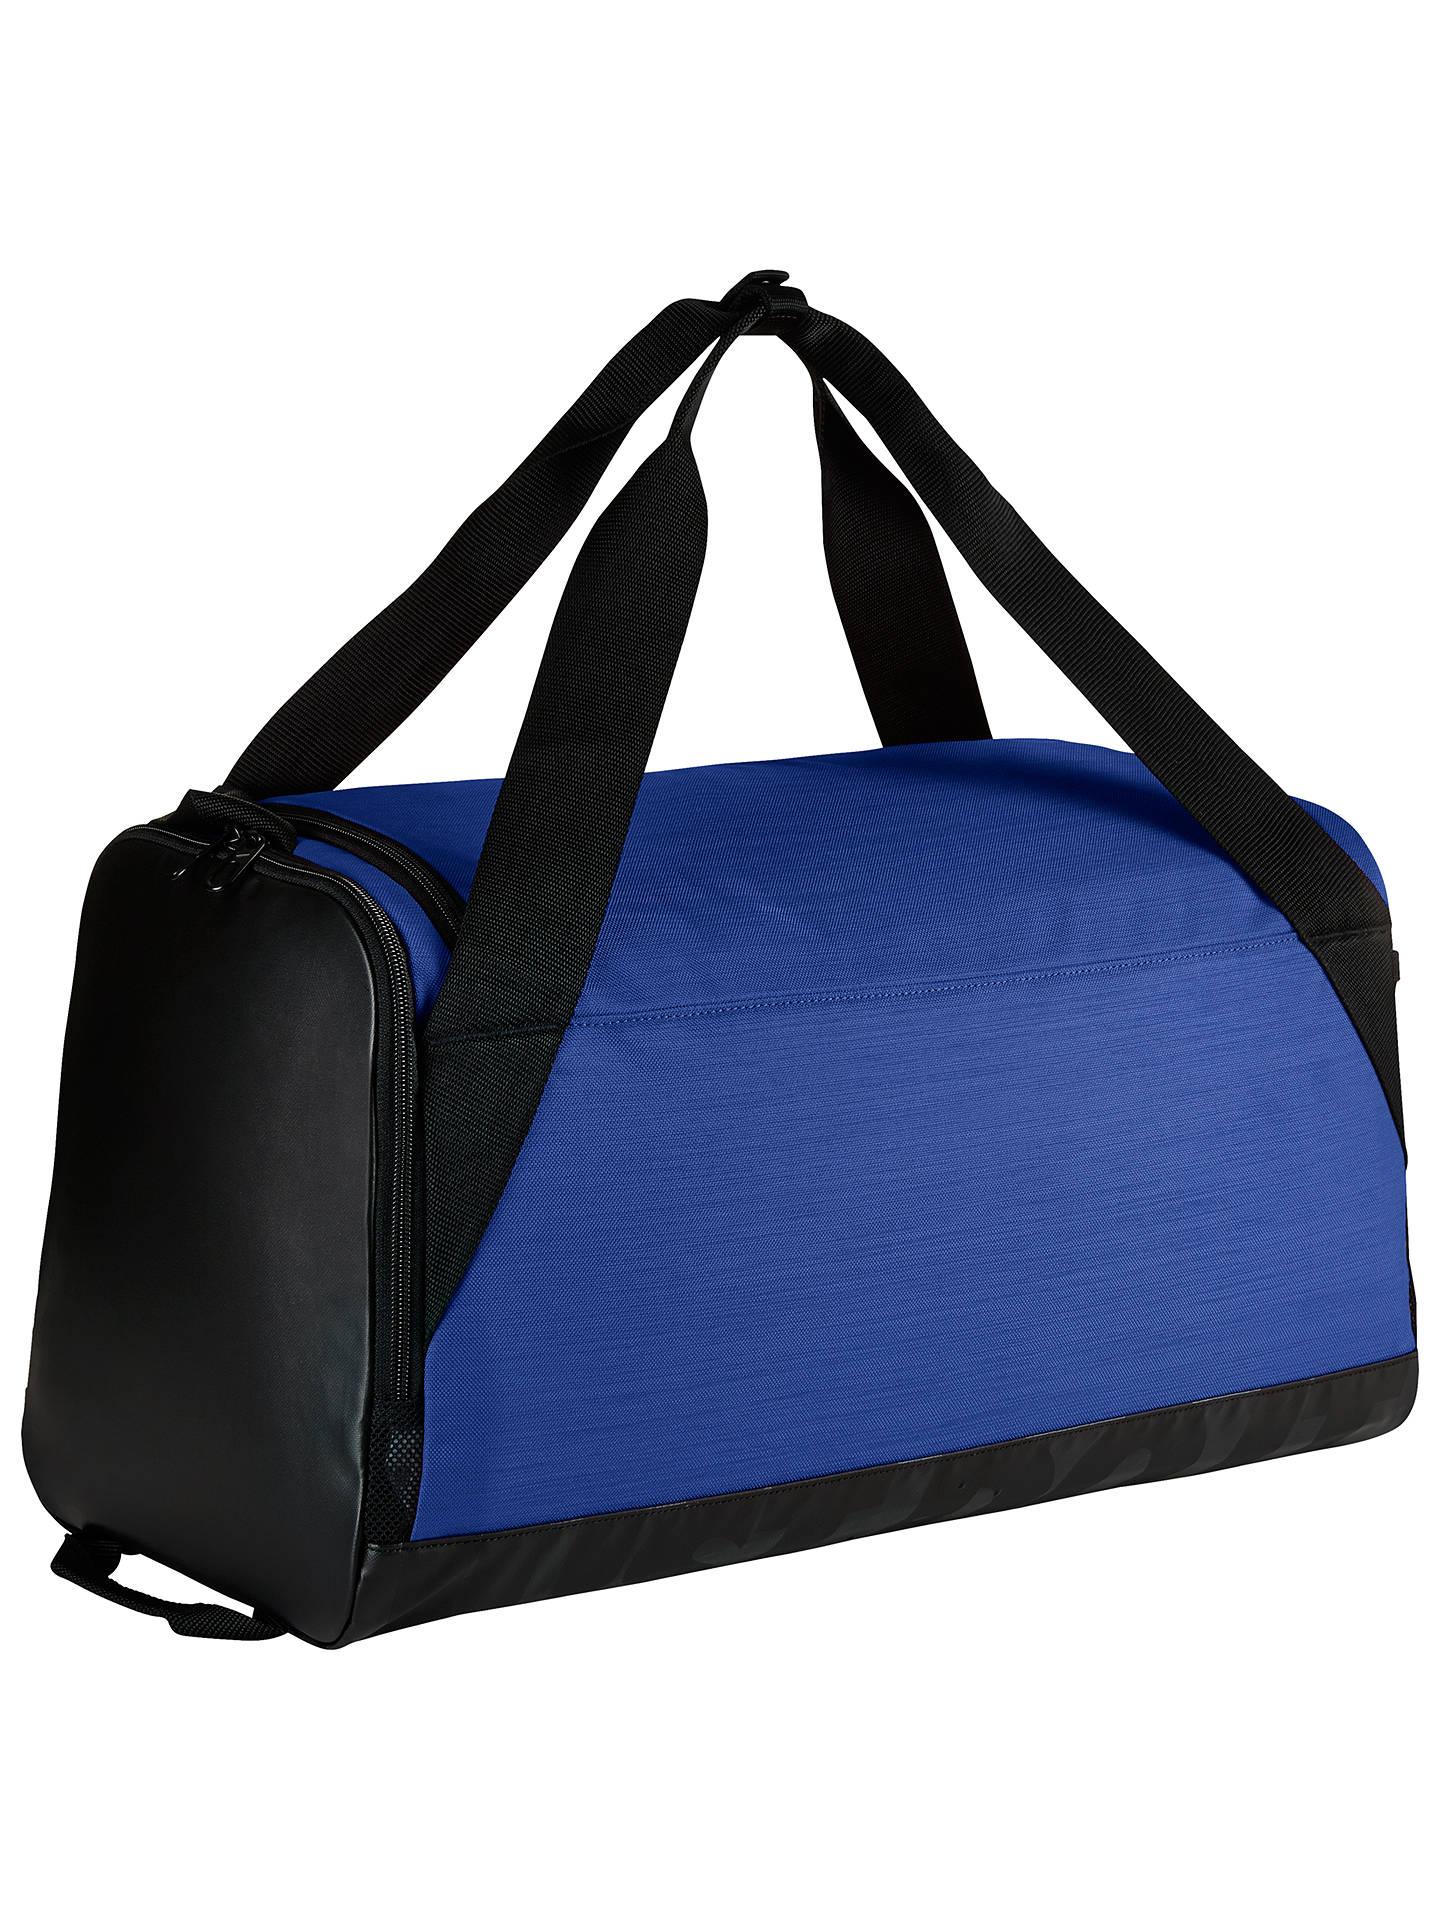 bafc24a01fb3d ... Buy Nike Brasilia Training Duffle Bag